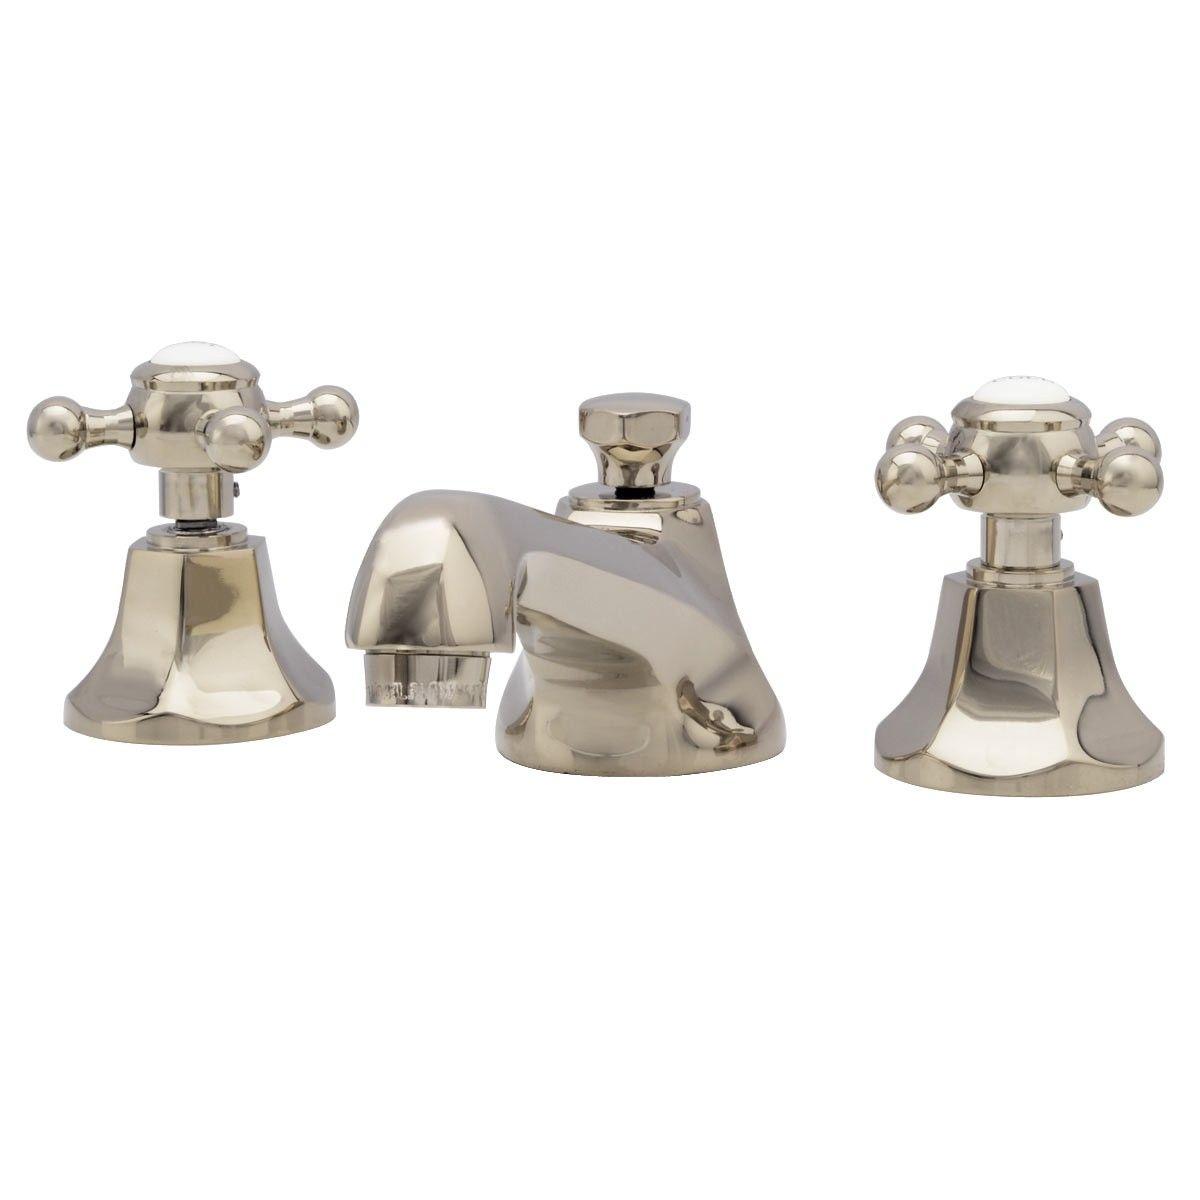 Randolph Morris Widespread Bathroom Sink Faucet nickel for ...